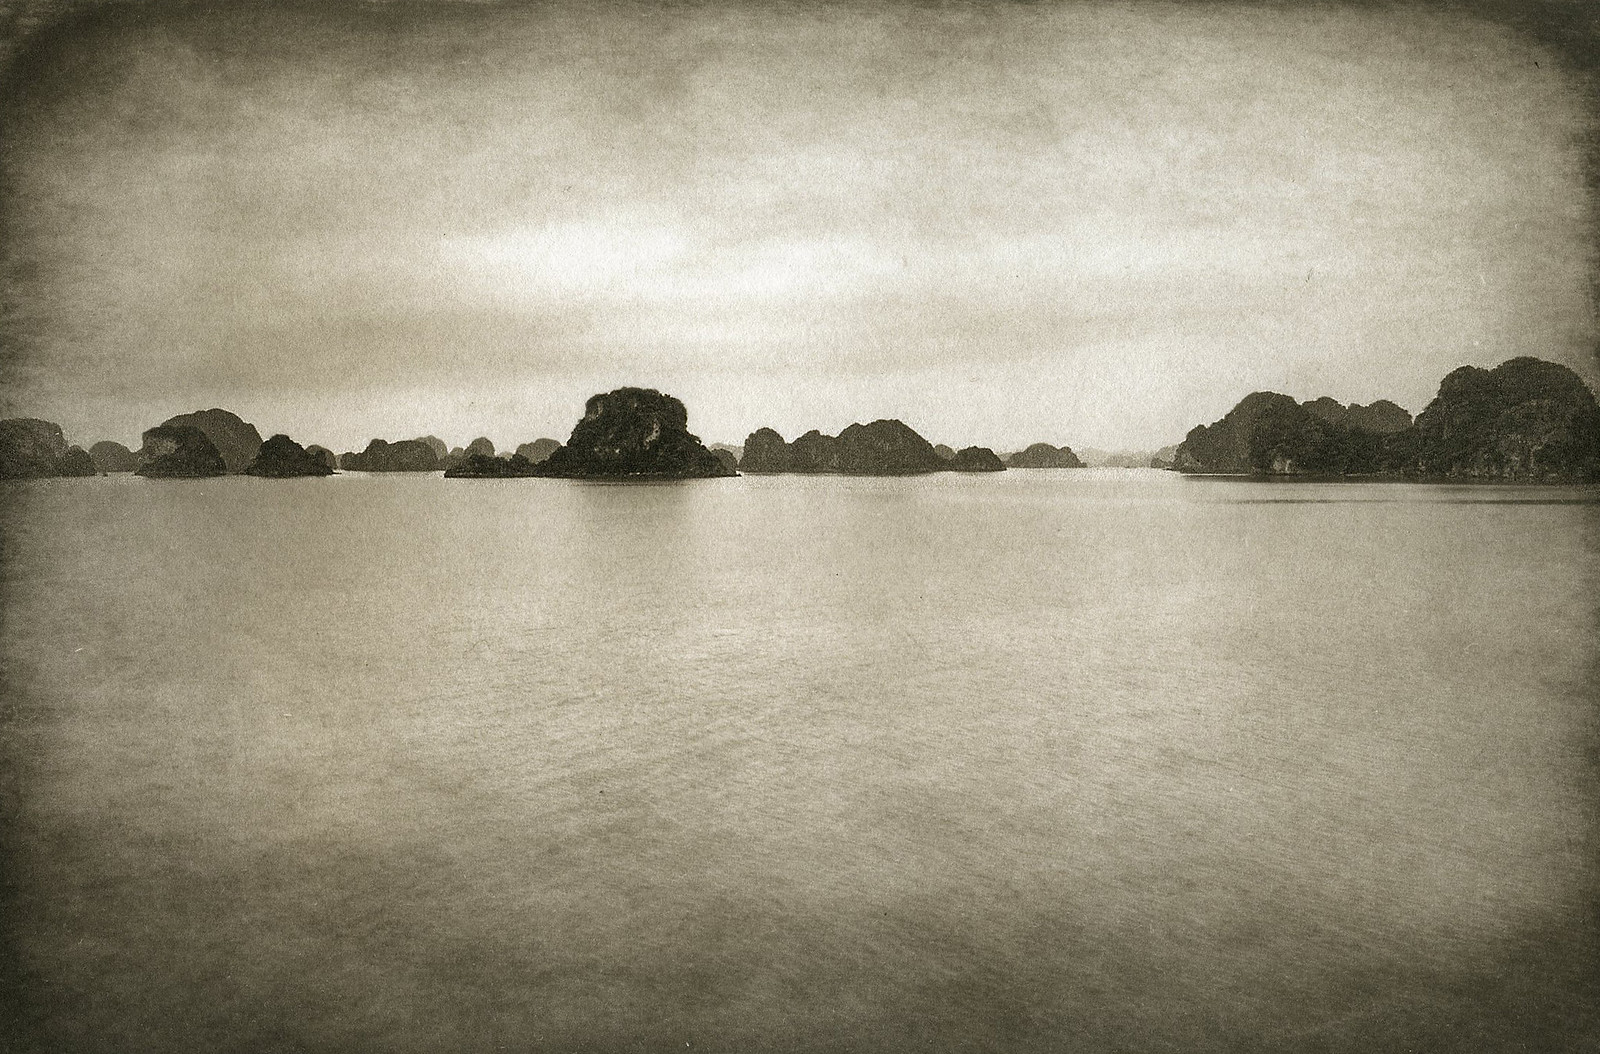 vietnam | by gary/geboy